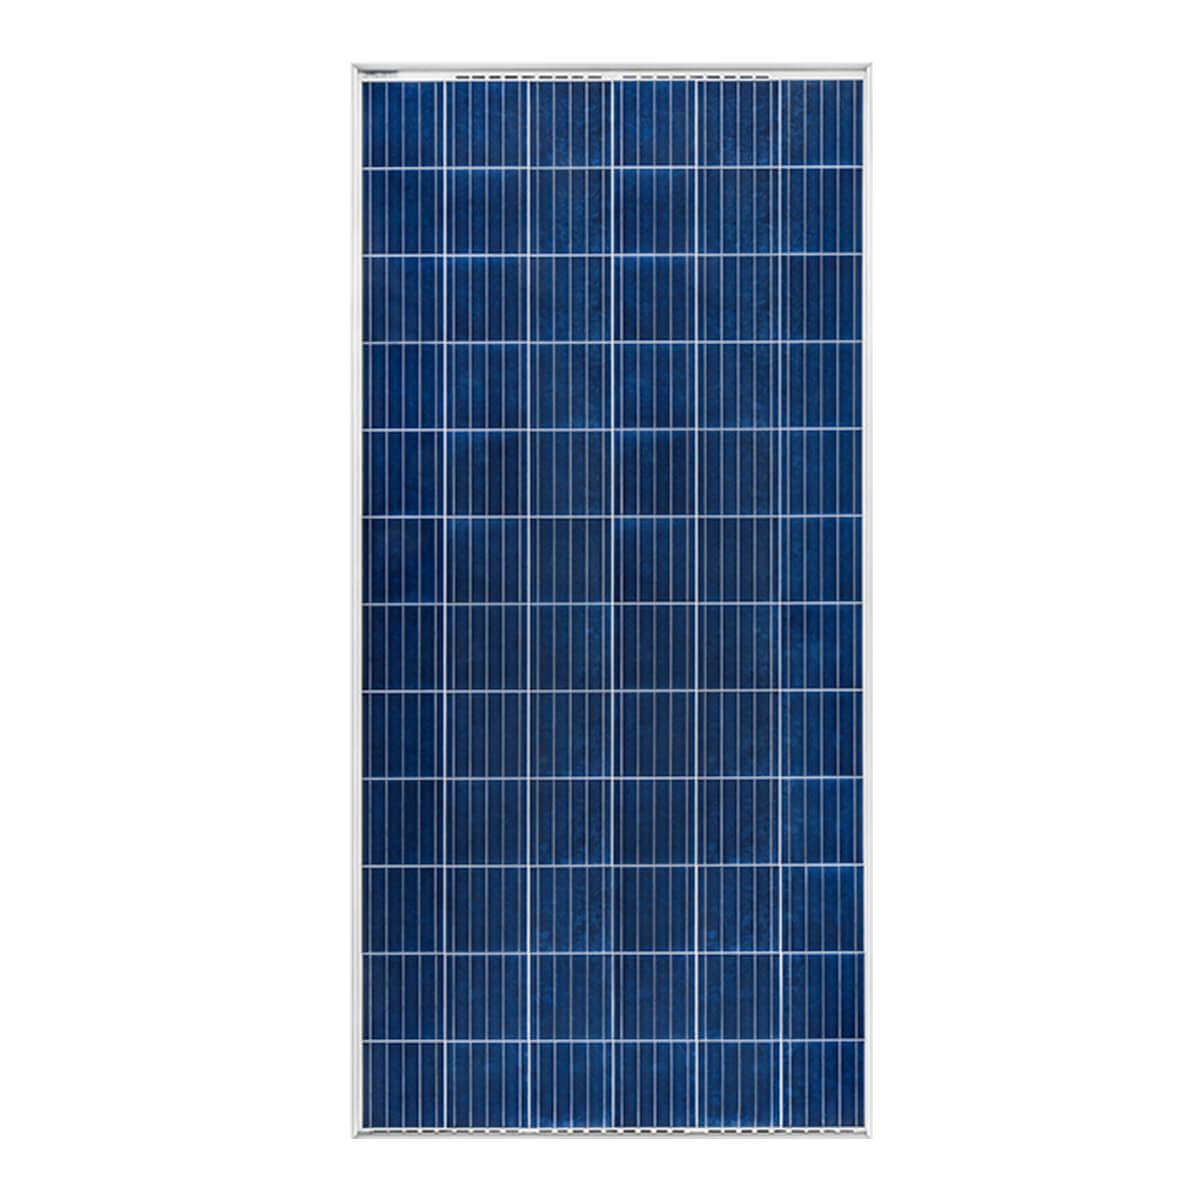 2h enerji winasol 330W panel, 2h enerji winasol 330Watt panel, 2h enerji winasol 330 W panel, 2h enerji winasol 330 Watt panel, 2h enerji winasol 330 Watt polikristal panel, 2h enerji winasol 330 W watt gunes paneli, 2h enerji winasol 330 W watt polikristal gunes paneli, 2h enerji winasol 330 W Watt fotovoltaik polikristal solar panel, 2h enerji winasol 330W polikristal gunes enerjisi, 2h enerji winasol 72-330W panel, WINASOL 330WATT